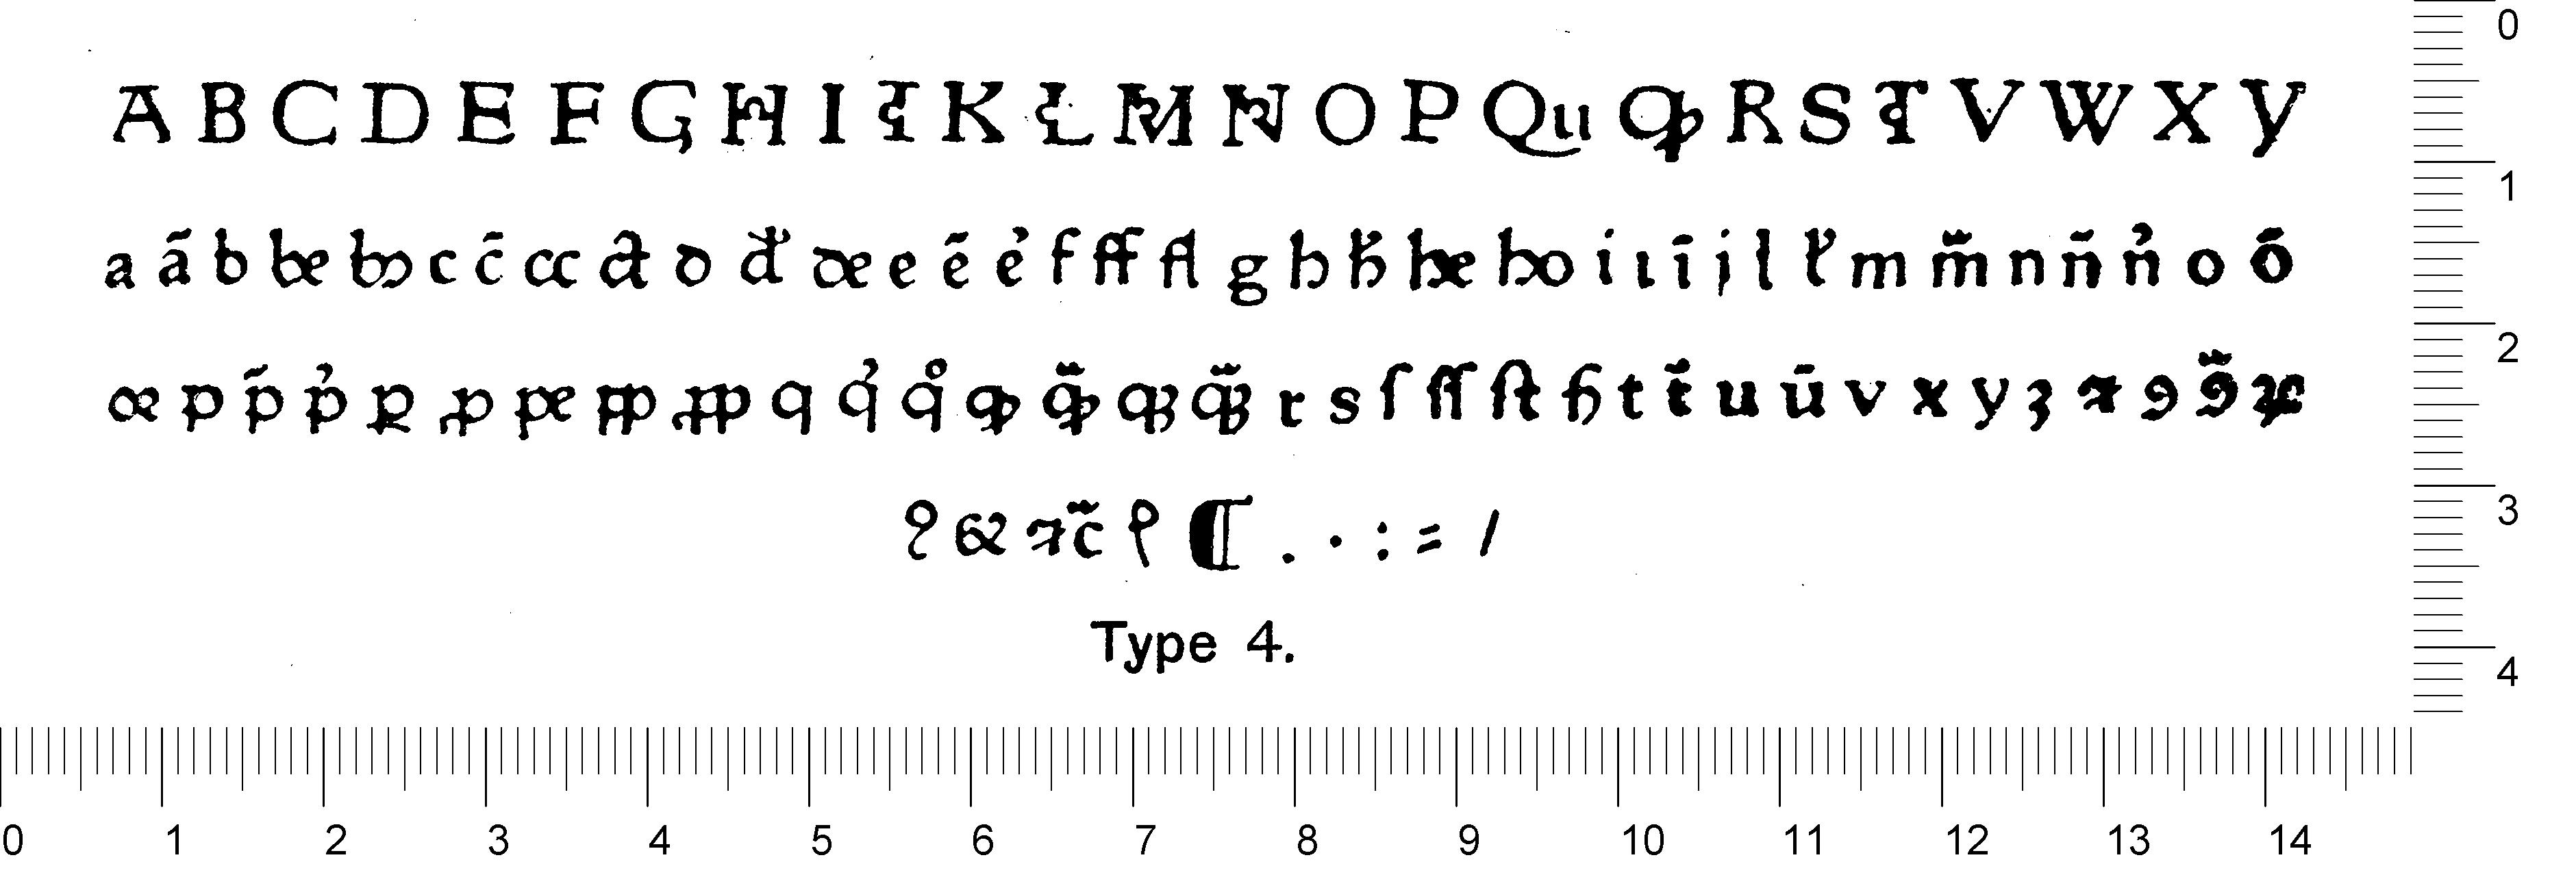 Zainer type 4, 1472